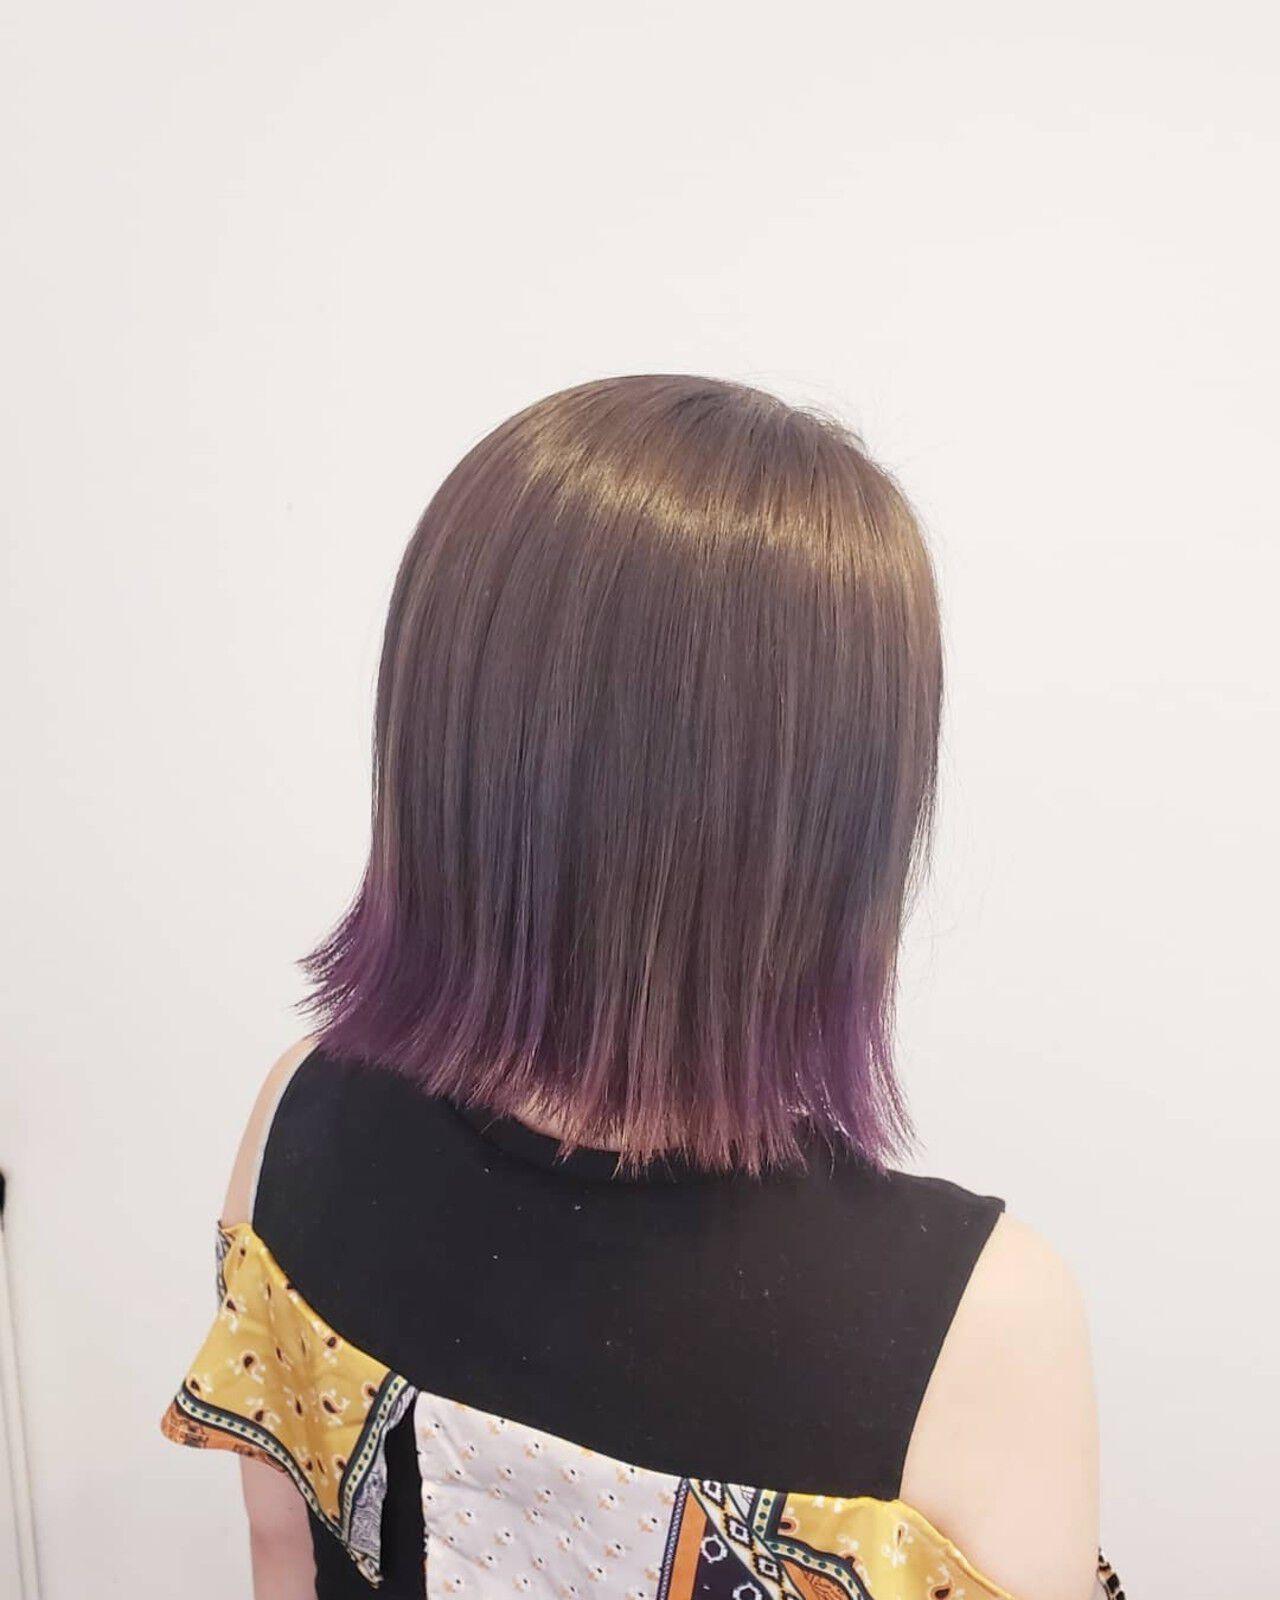 ナチュラル 髪質改善トリートメント 透明感 ブリーチヘアスタイルや髪型の写真・画像